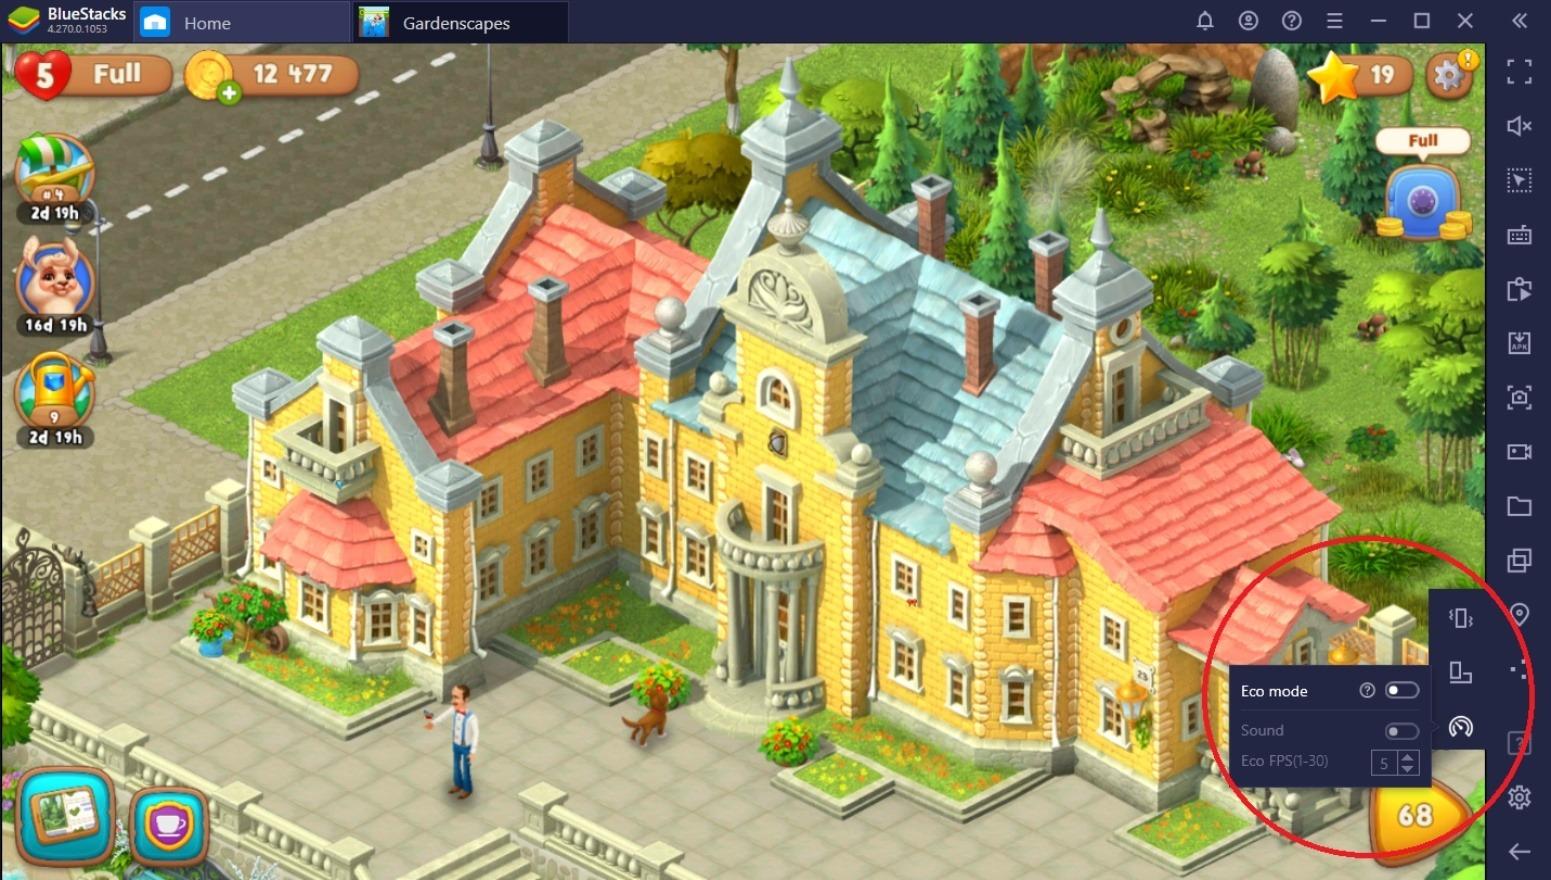 Comment jouer à Gardenscapes sur PC avec BlueStacks